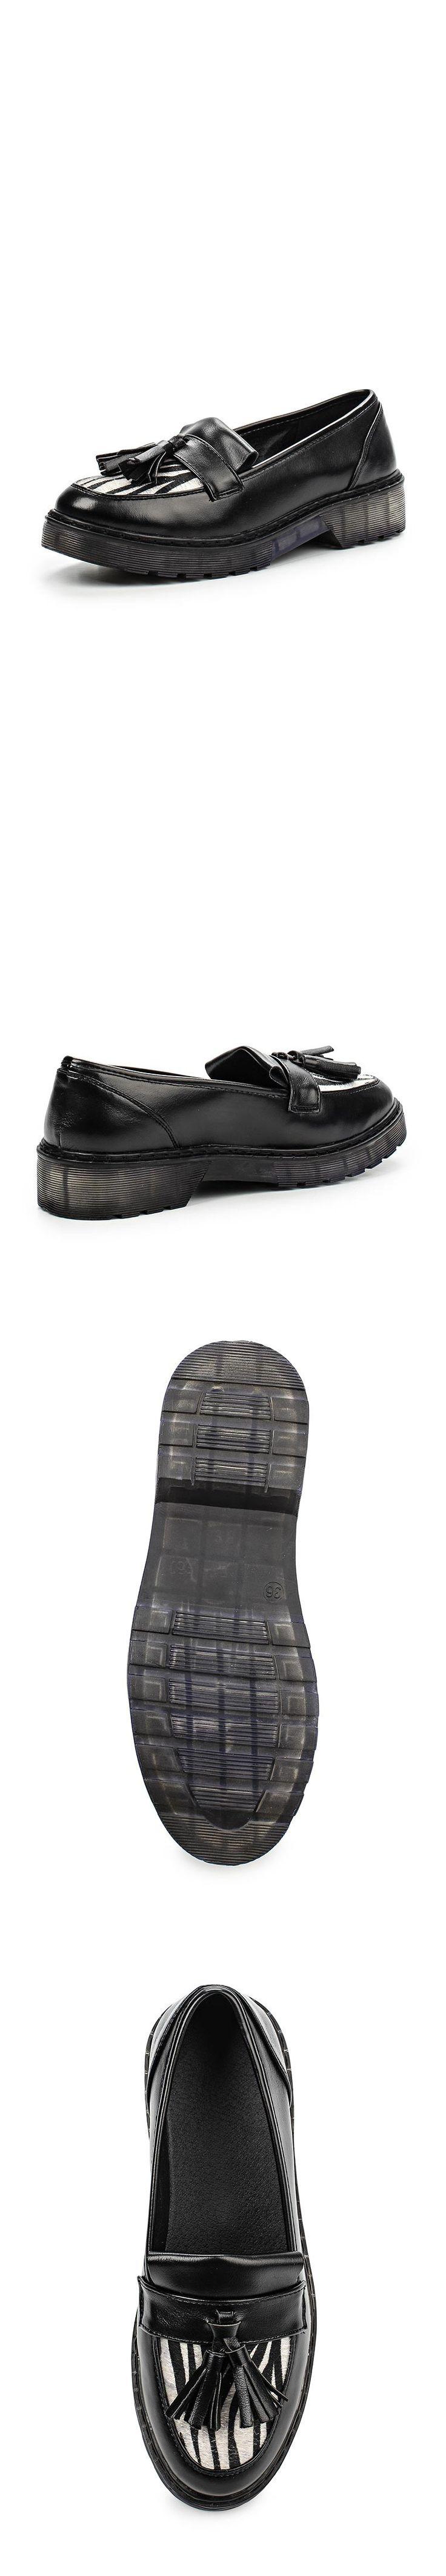 Женская обувь лоферы Martin Pescatore за 1950.00 руб.